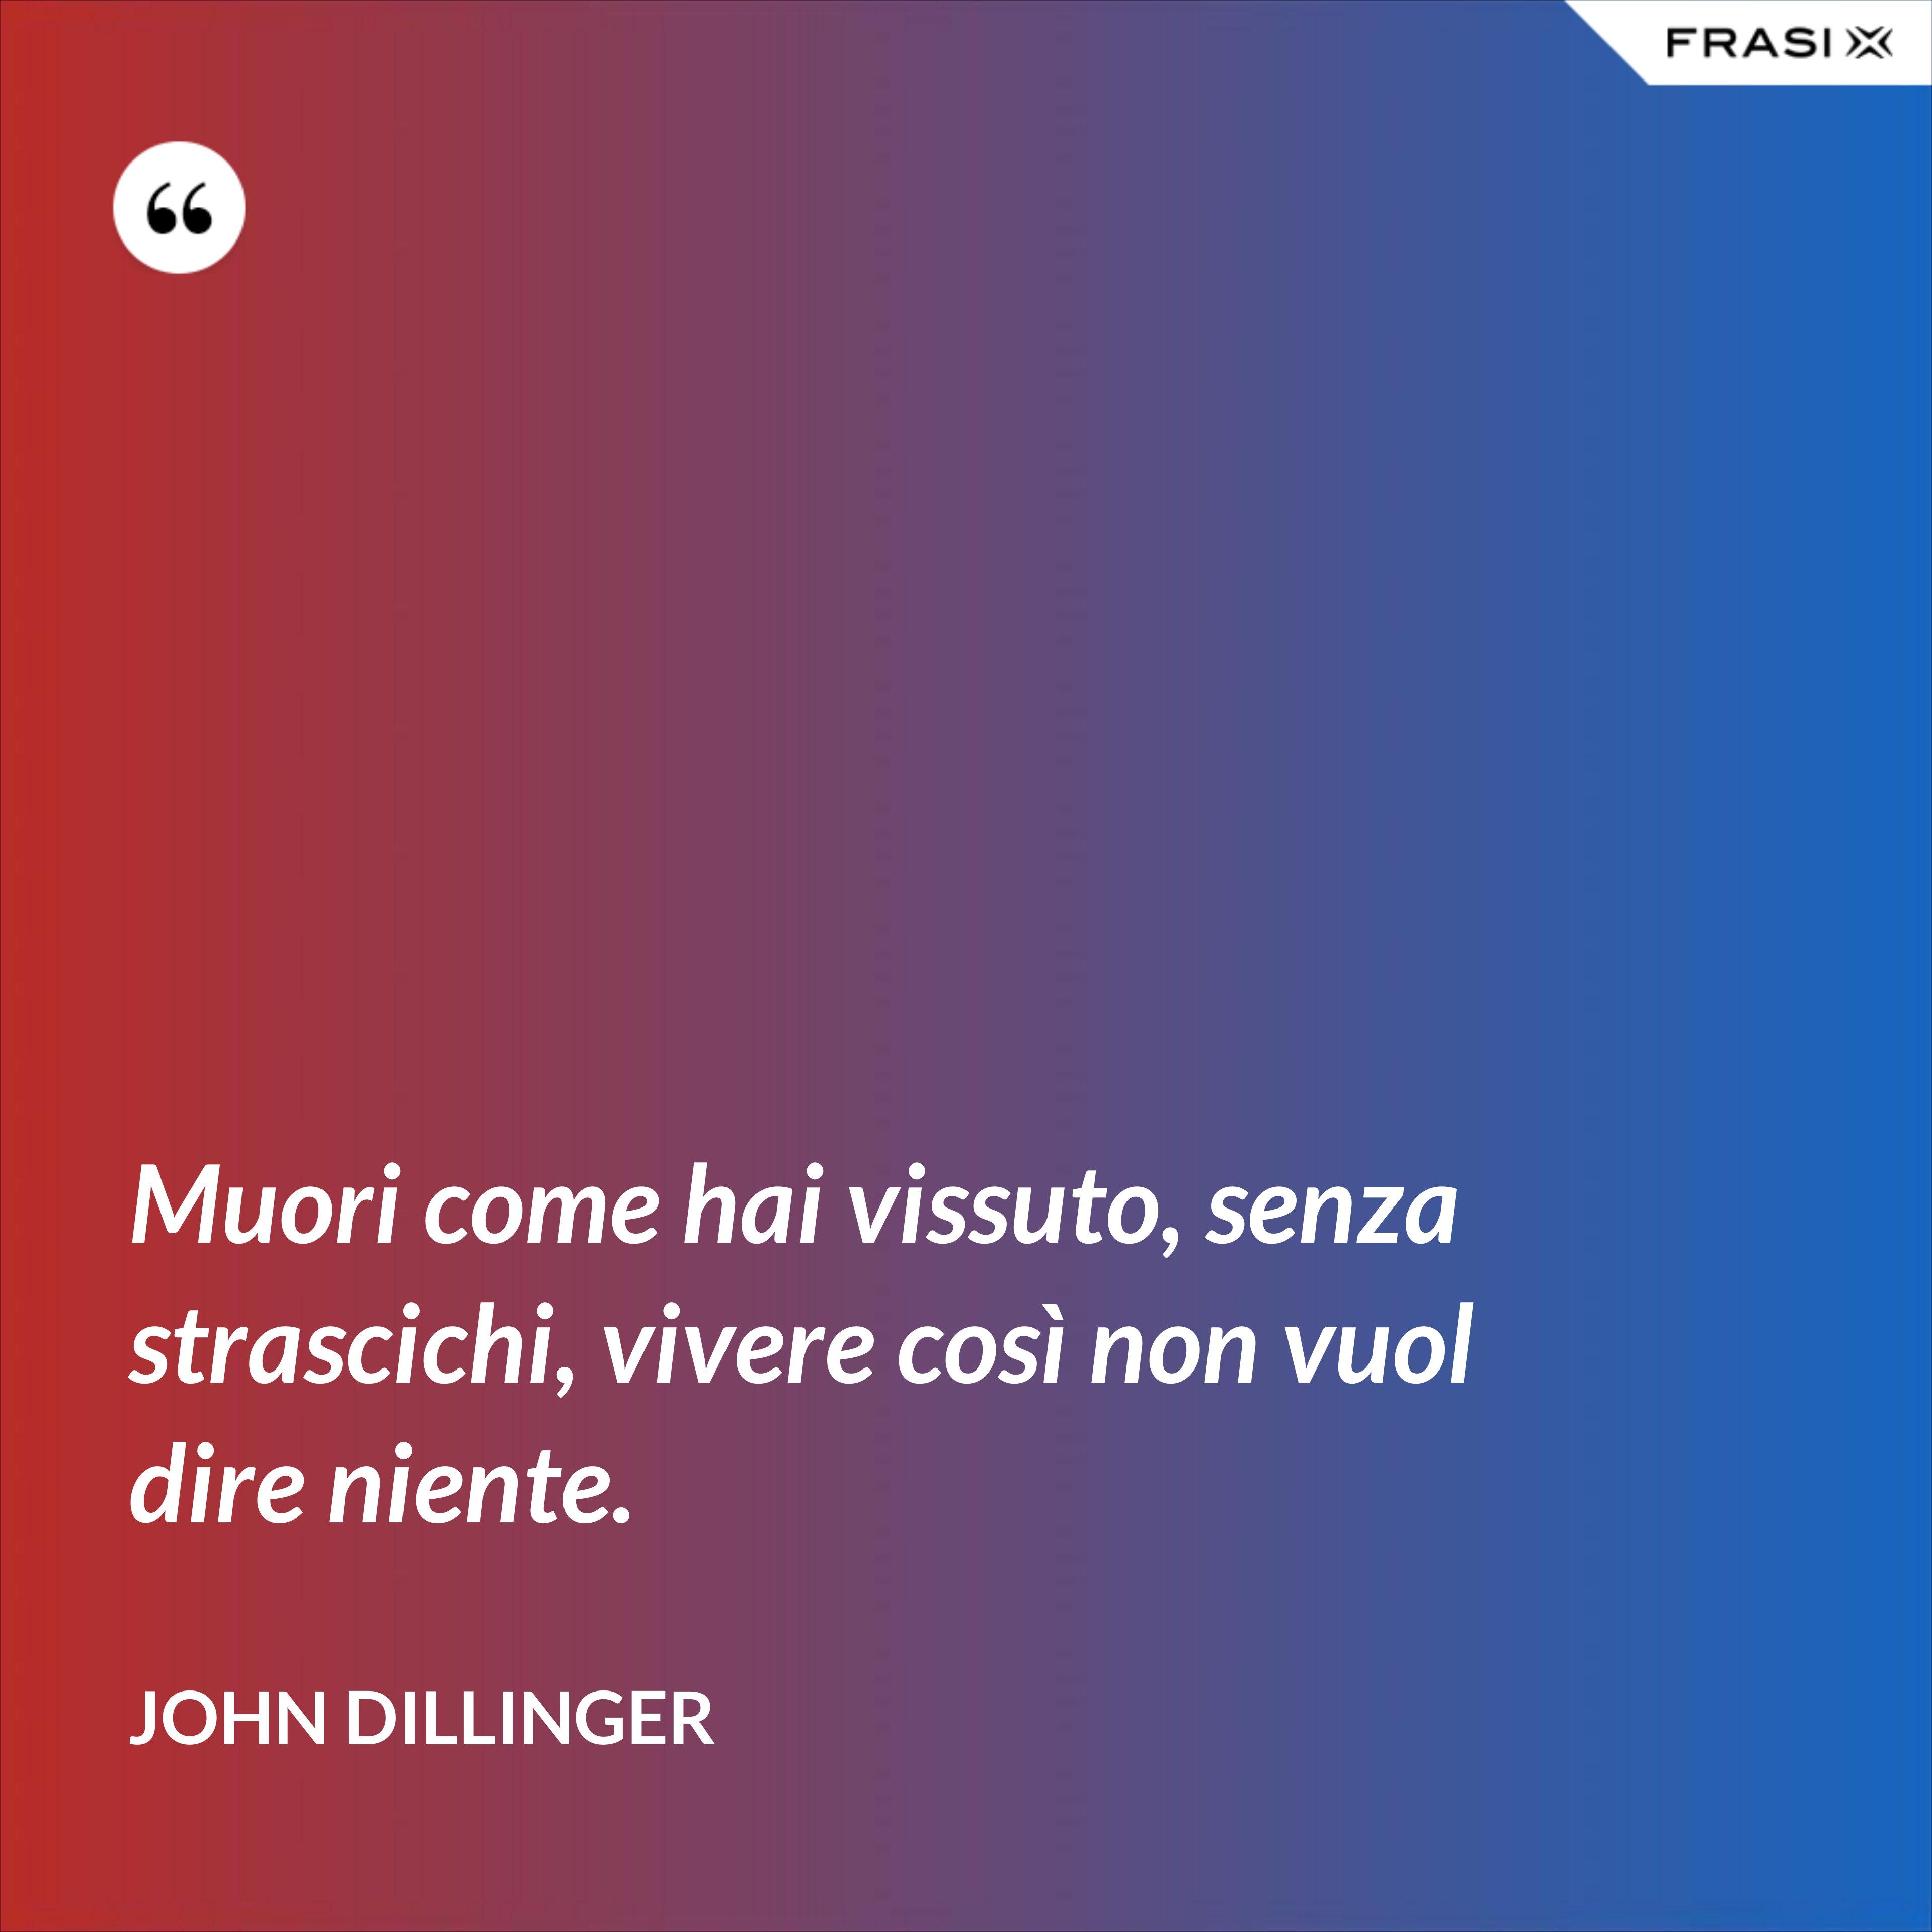 Muori come hai vissuto, senza strascichi, vivere così non vuol dire niente. - John Dillinger